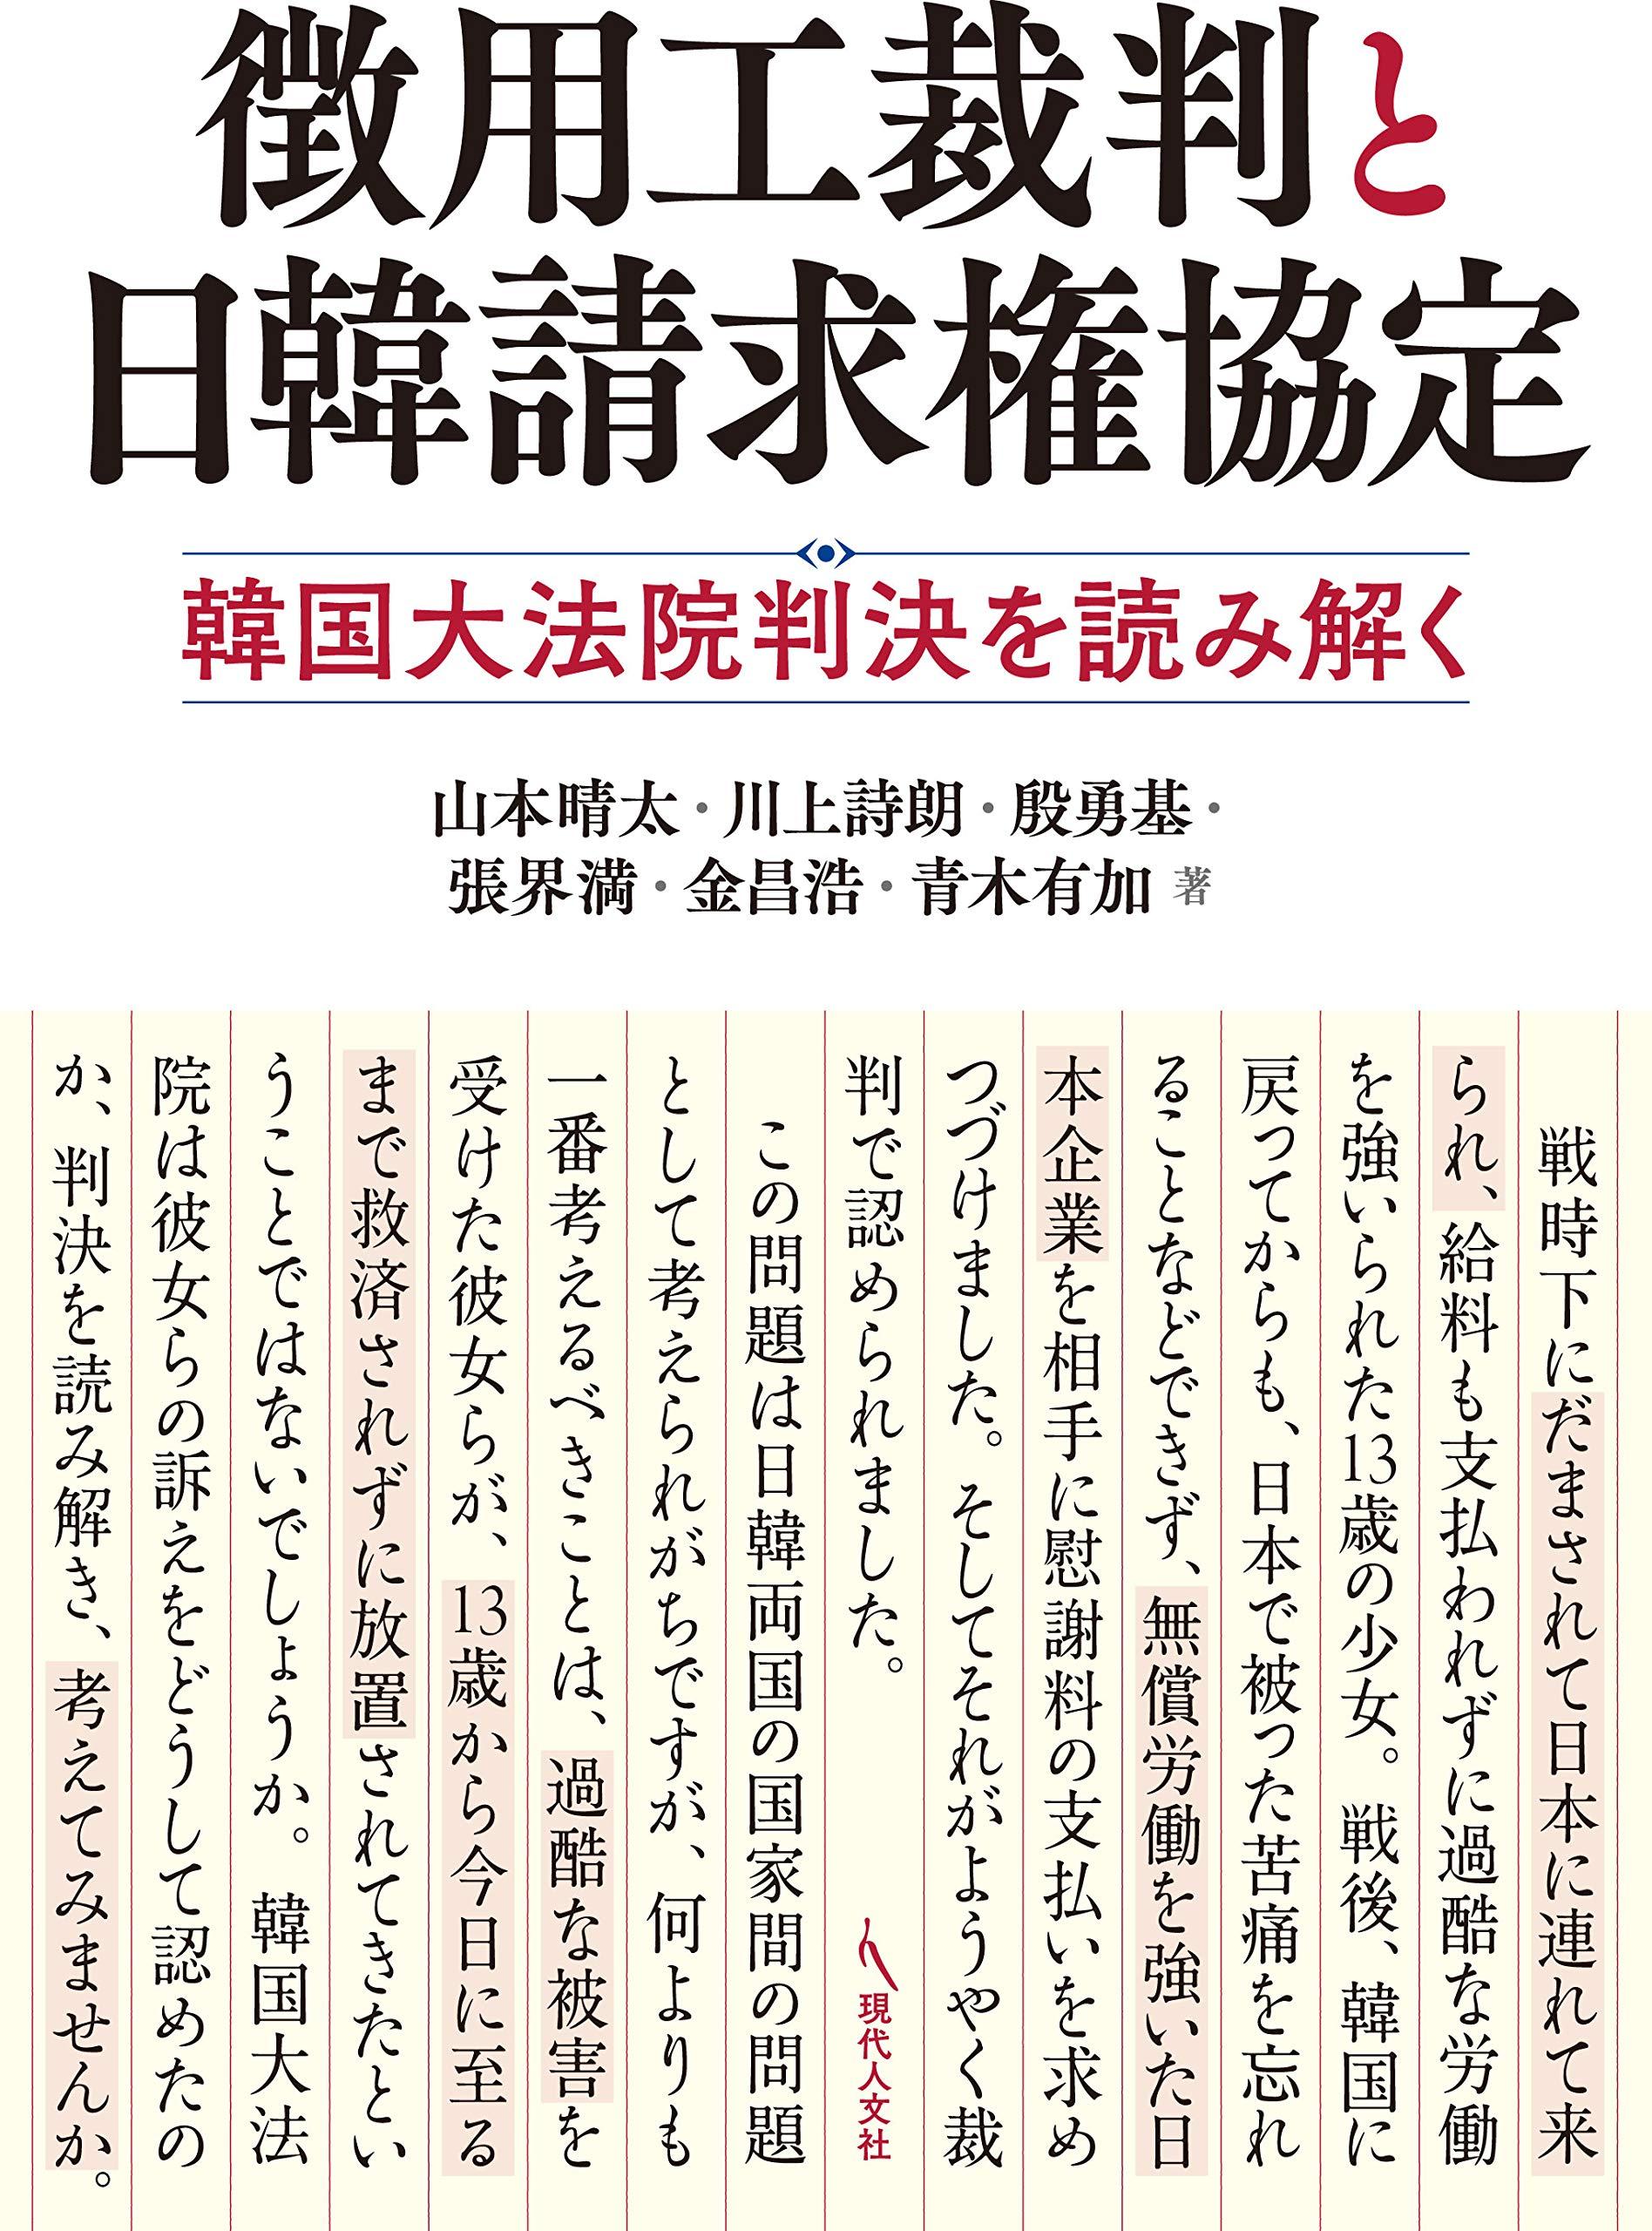 徴用工裁判と日韓請求権協定: 韓国大法院判決を読み解く | 山本 晴太 ...